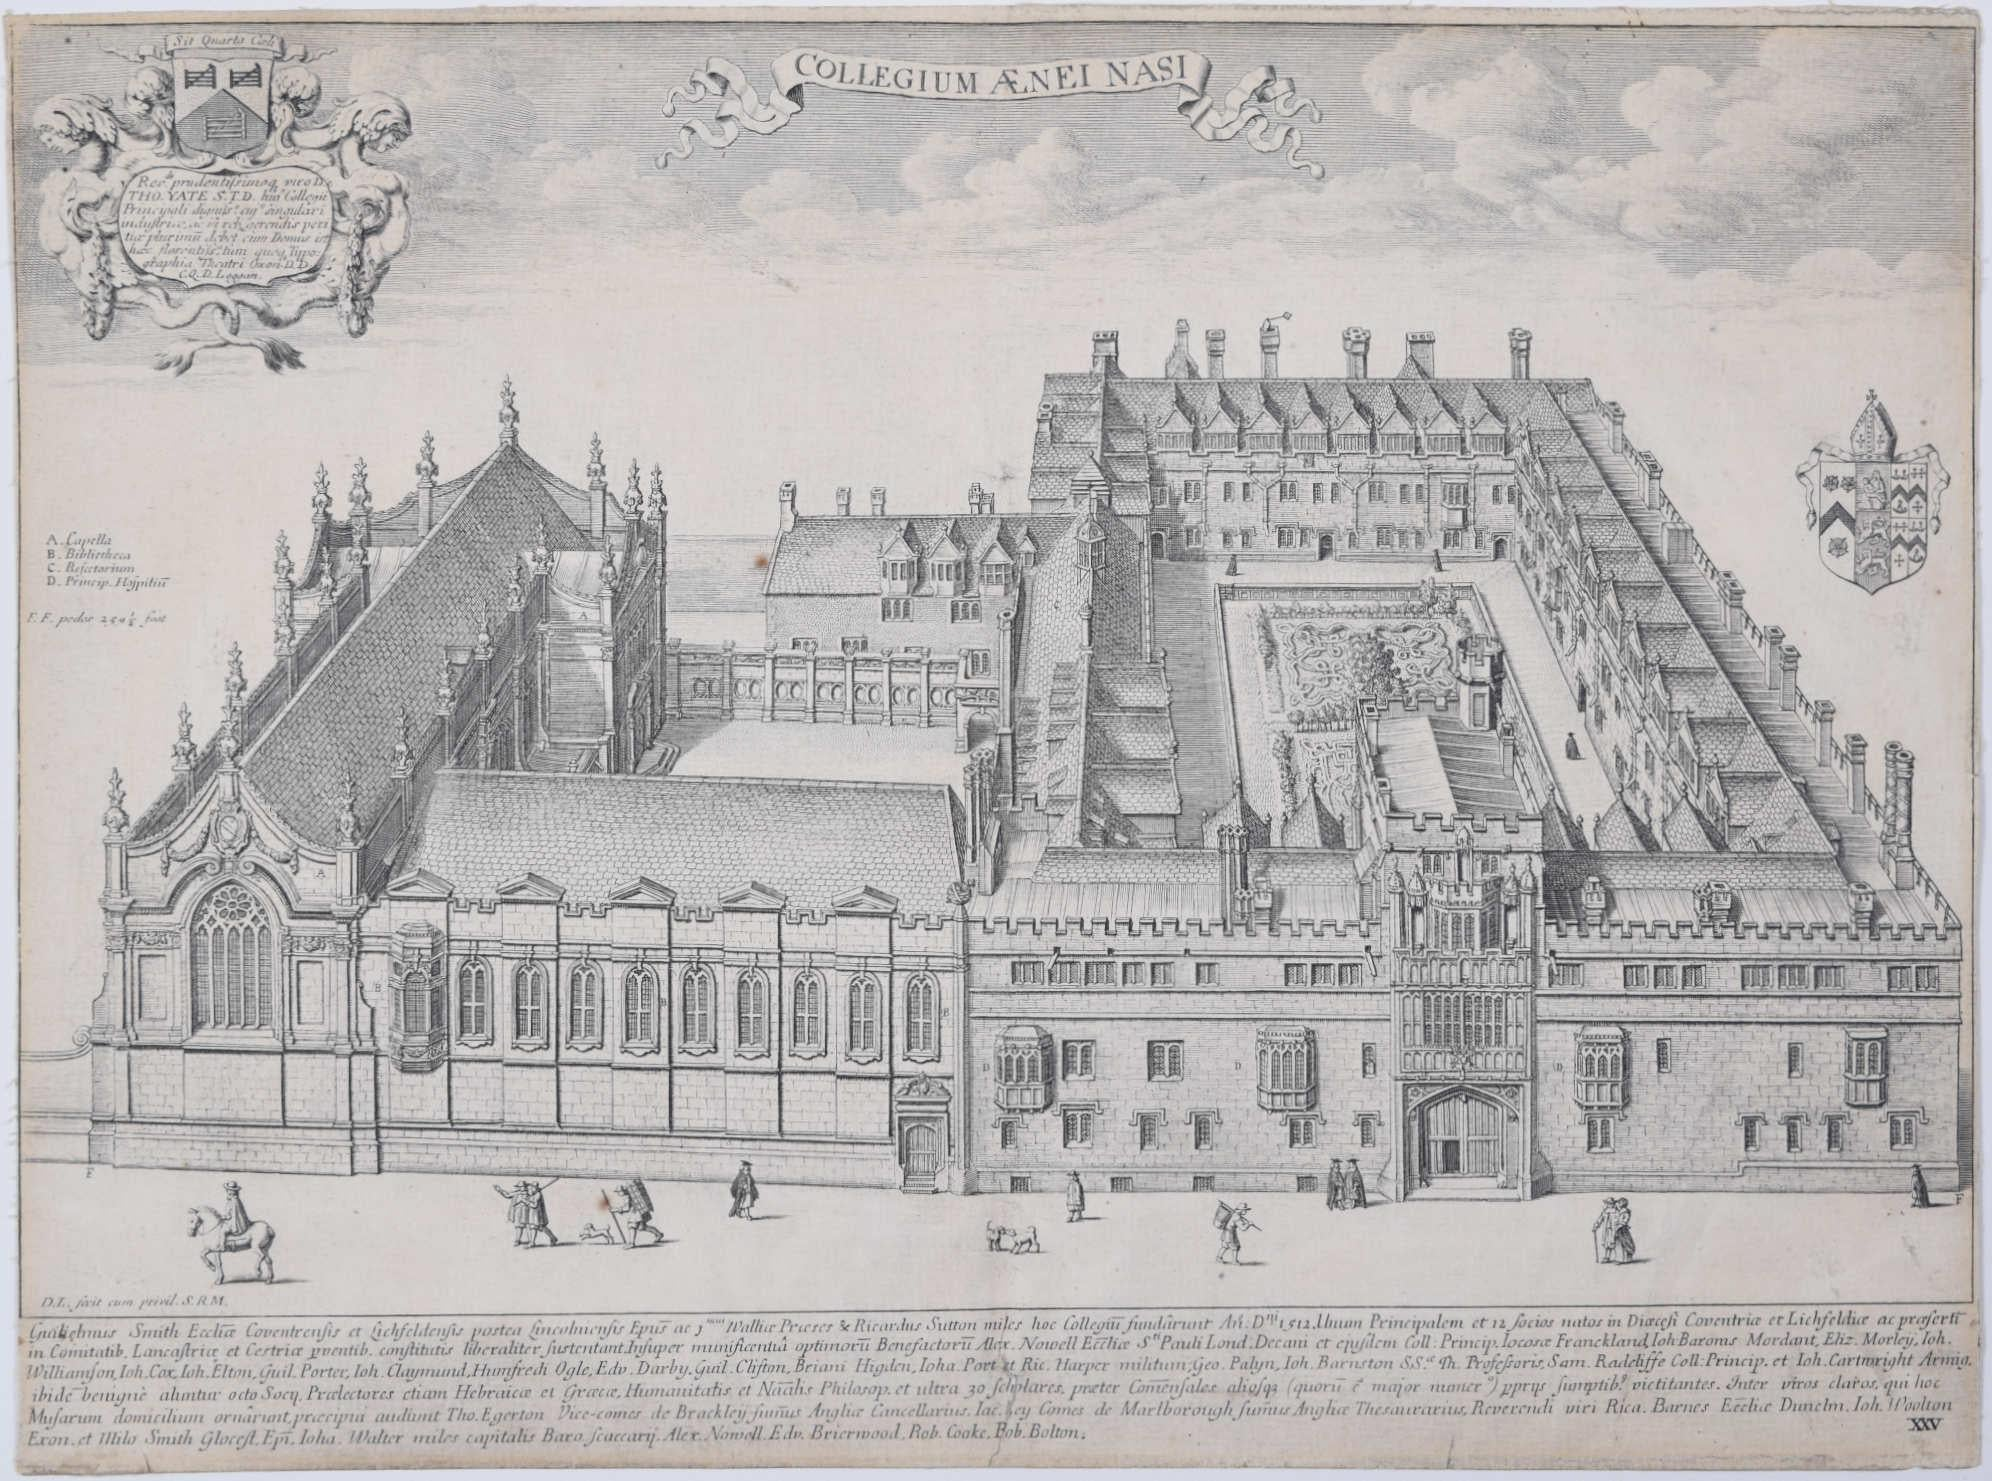 David Loggan Brasenose College Oxford Collegium Aenei Nasi Print 1675 engraving